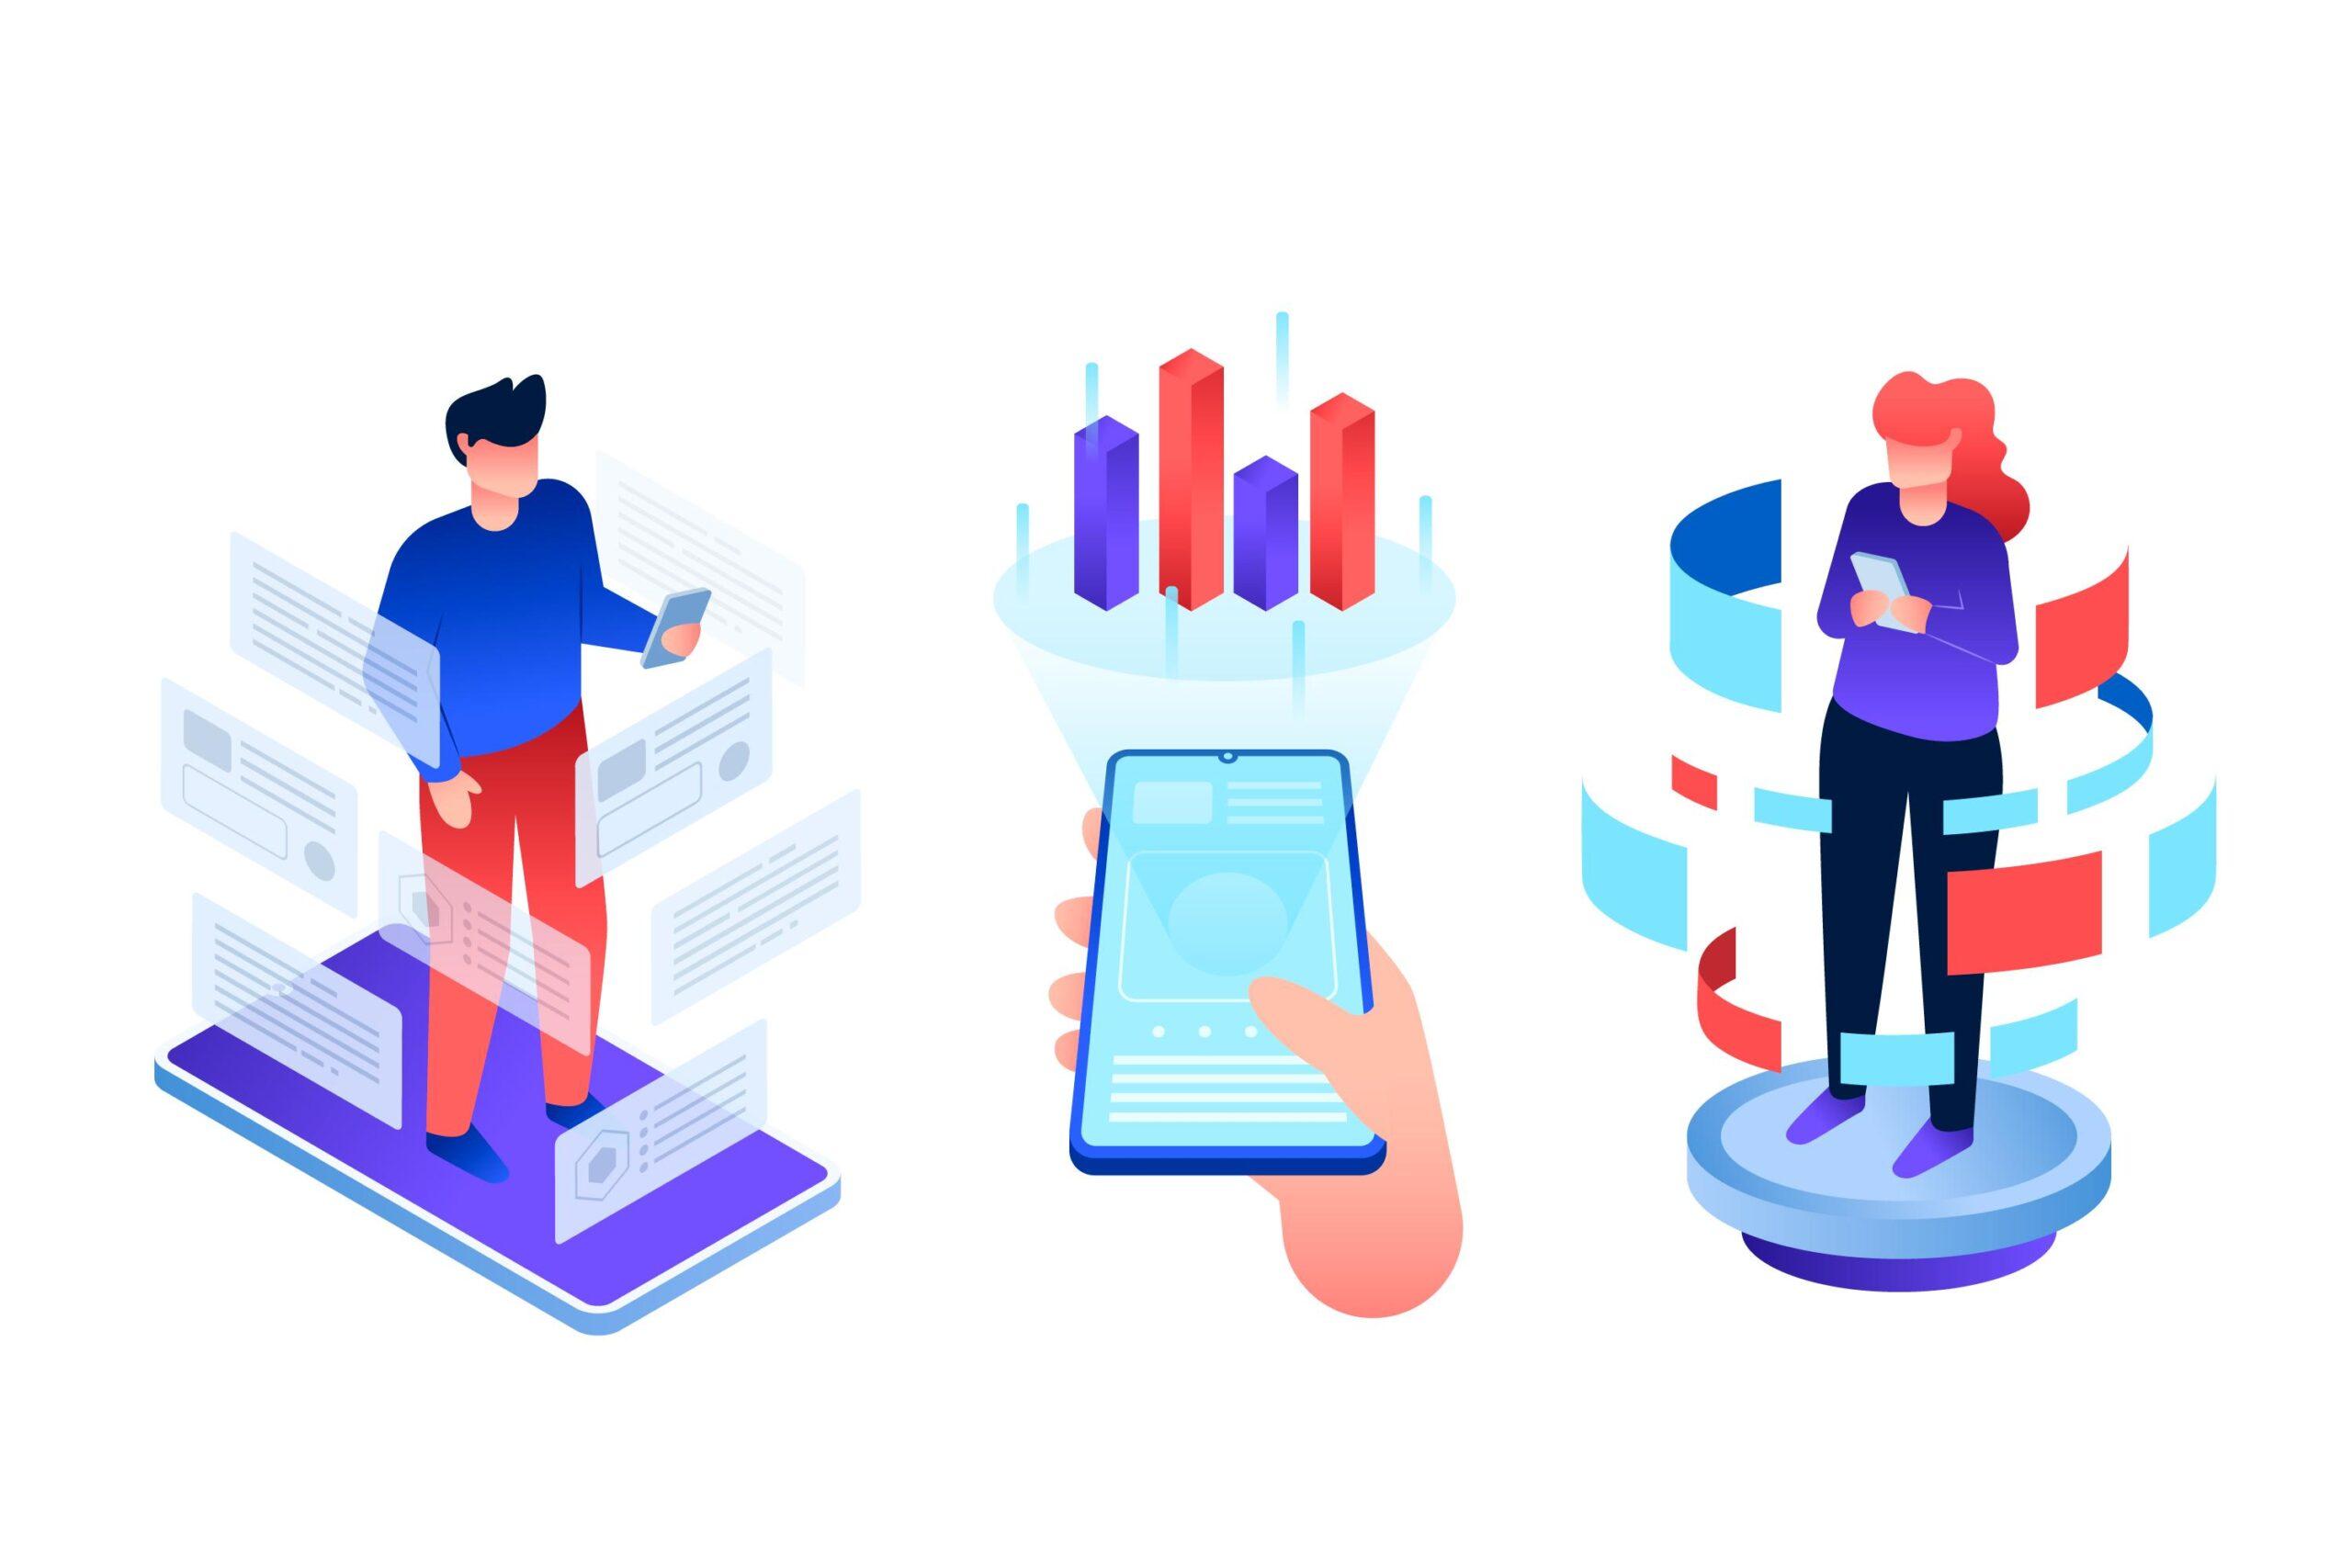 Build Augmented Reality (AR) App using Vuforia & Unity